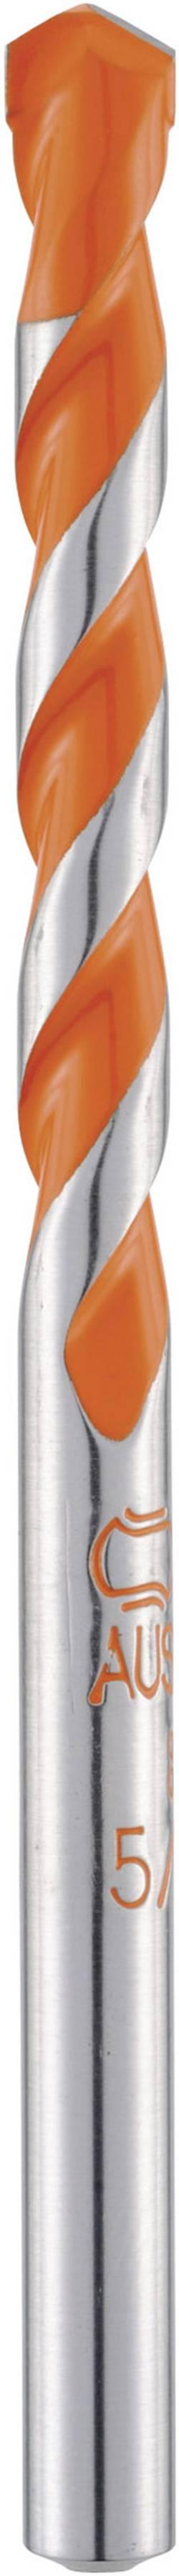 Foret spécial tuiles tige cylindrique 6.5 mm Alpen 35200650100 Longueur 100 mm 1 pc(s)